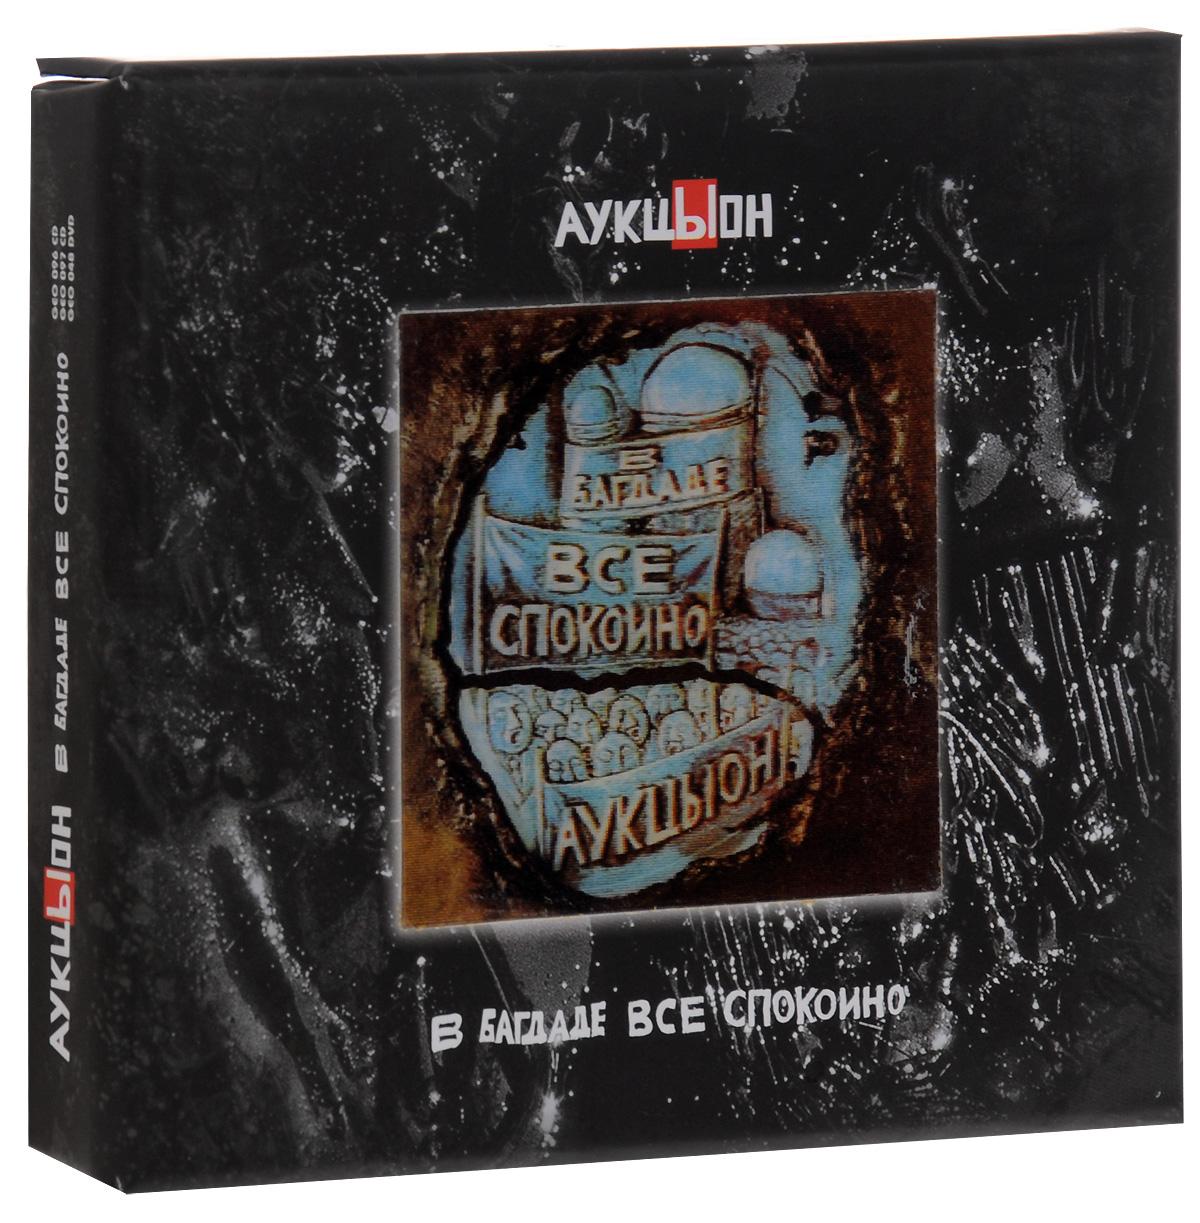 Издание содержит 32-страничный буклет с фотографиями и текстами песен на русском языке. Издание содержит набор шахматный фигурок в разобранном виде.